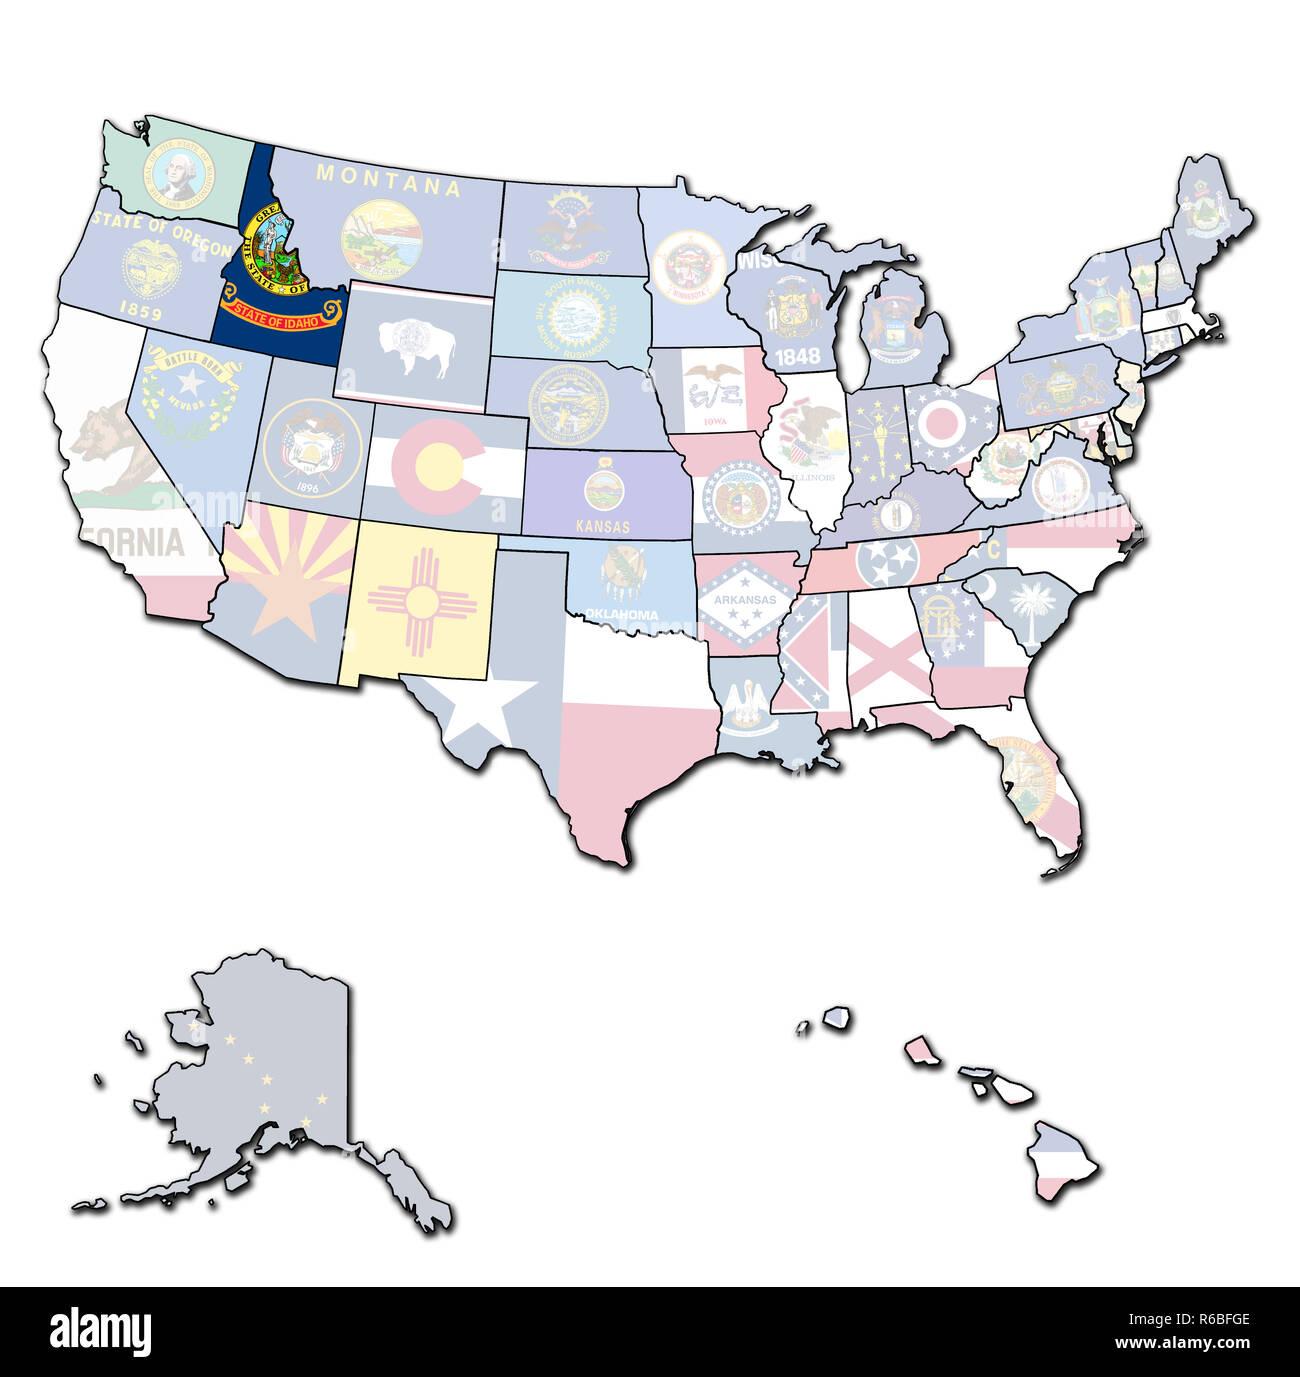 idaho on map of usa Stock Photo: 227676414 - Alamy on usa map roanoke, usa map guam, usa map virgin islands, usa map buffalo, usa map california, usa map long island, usa map akron, usa map fort worth, usa map cincinnati, usa map oregon trail, usa map indianapolis indiana, usa map cascade, usa map snake river, usa map nd, usa map by zipcode, usa map orange county, usa map little bighorn, usa map with oregon, usa map bahamas, usa map fort lauderdale,